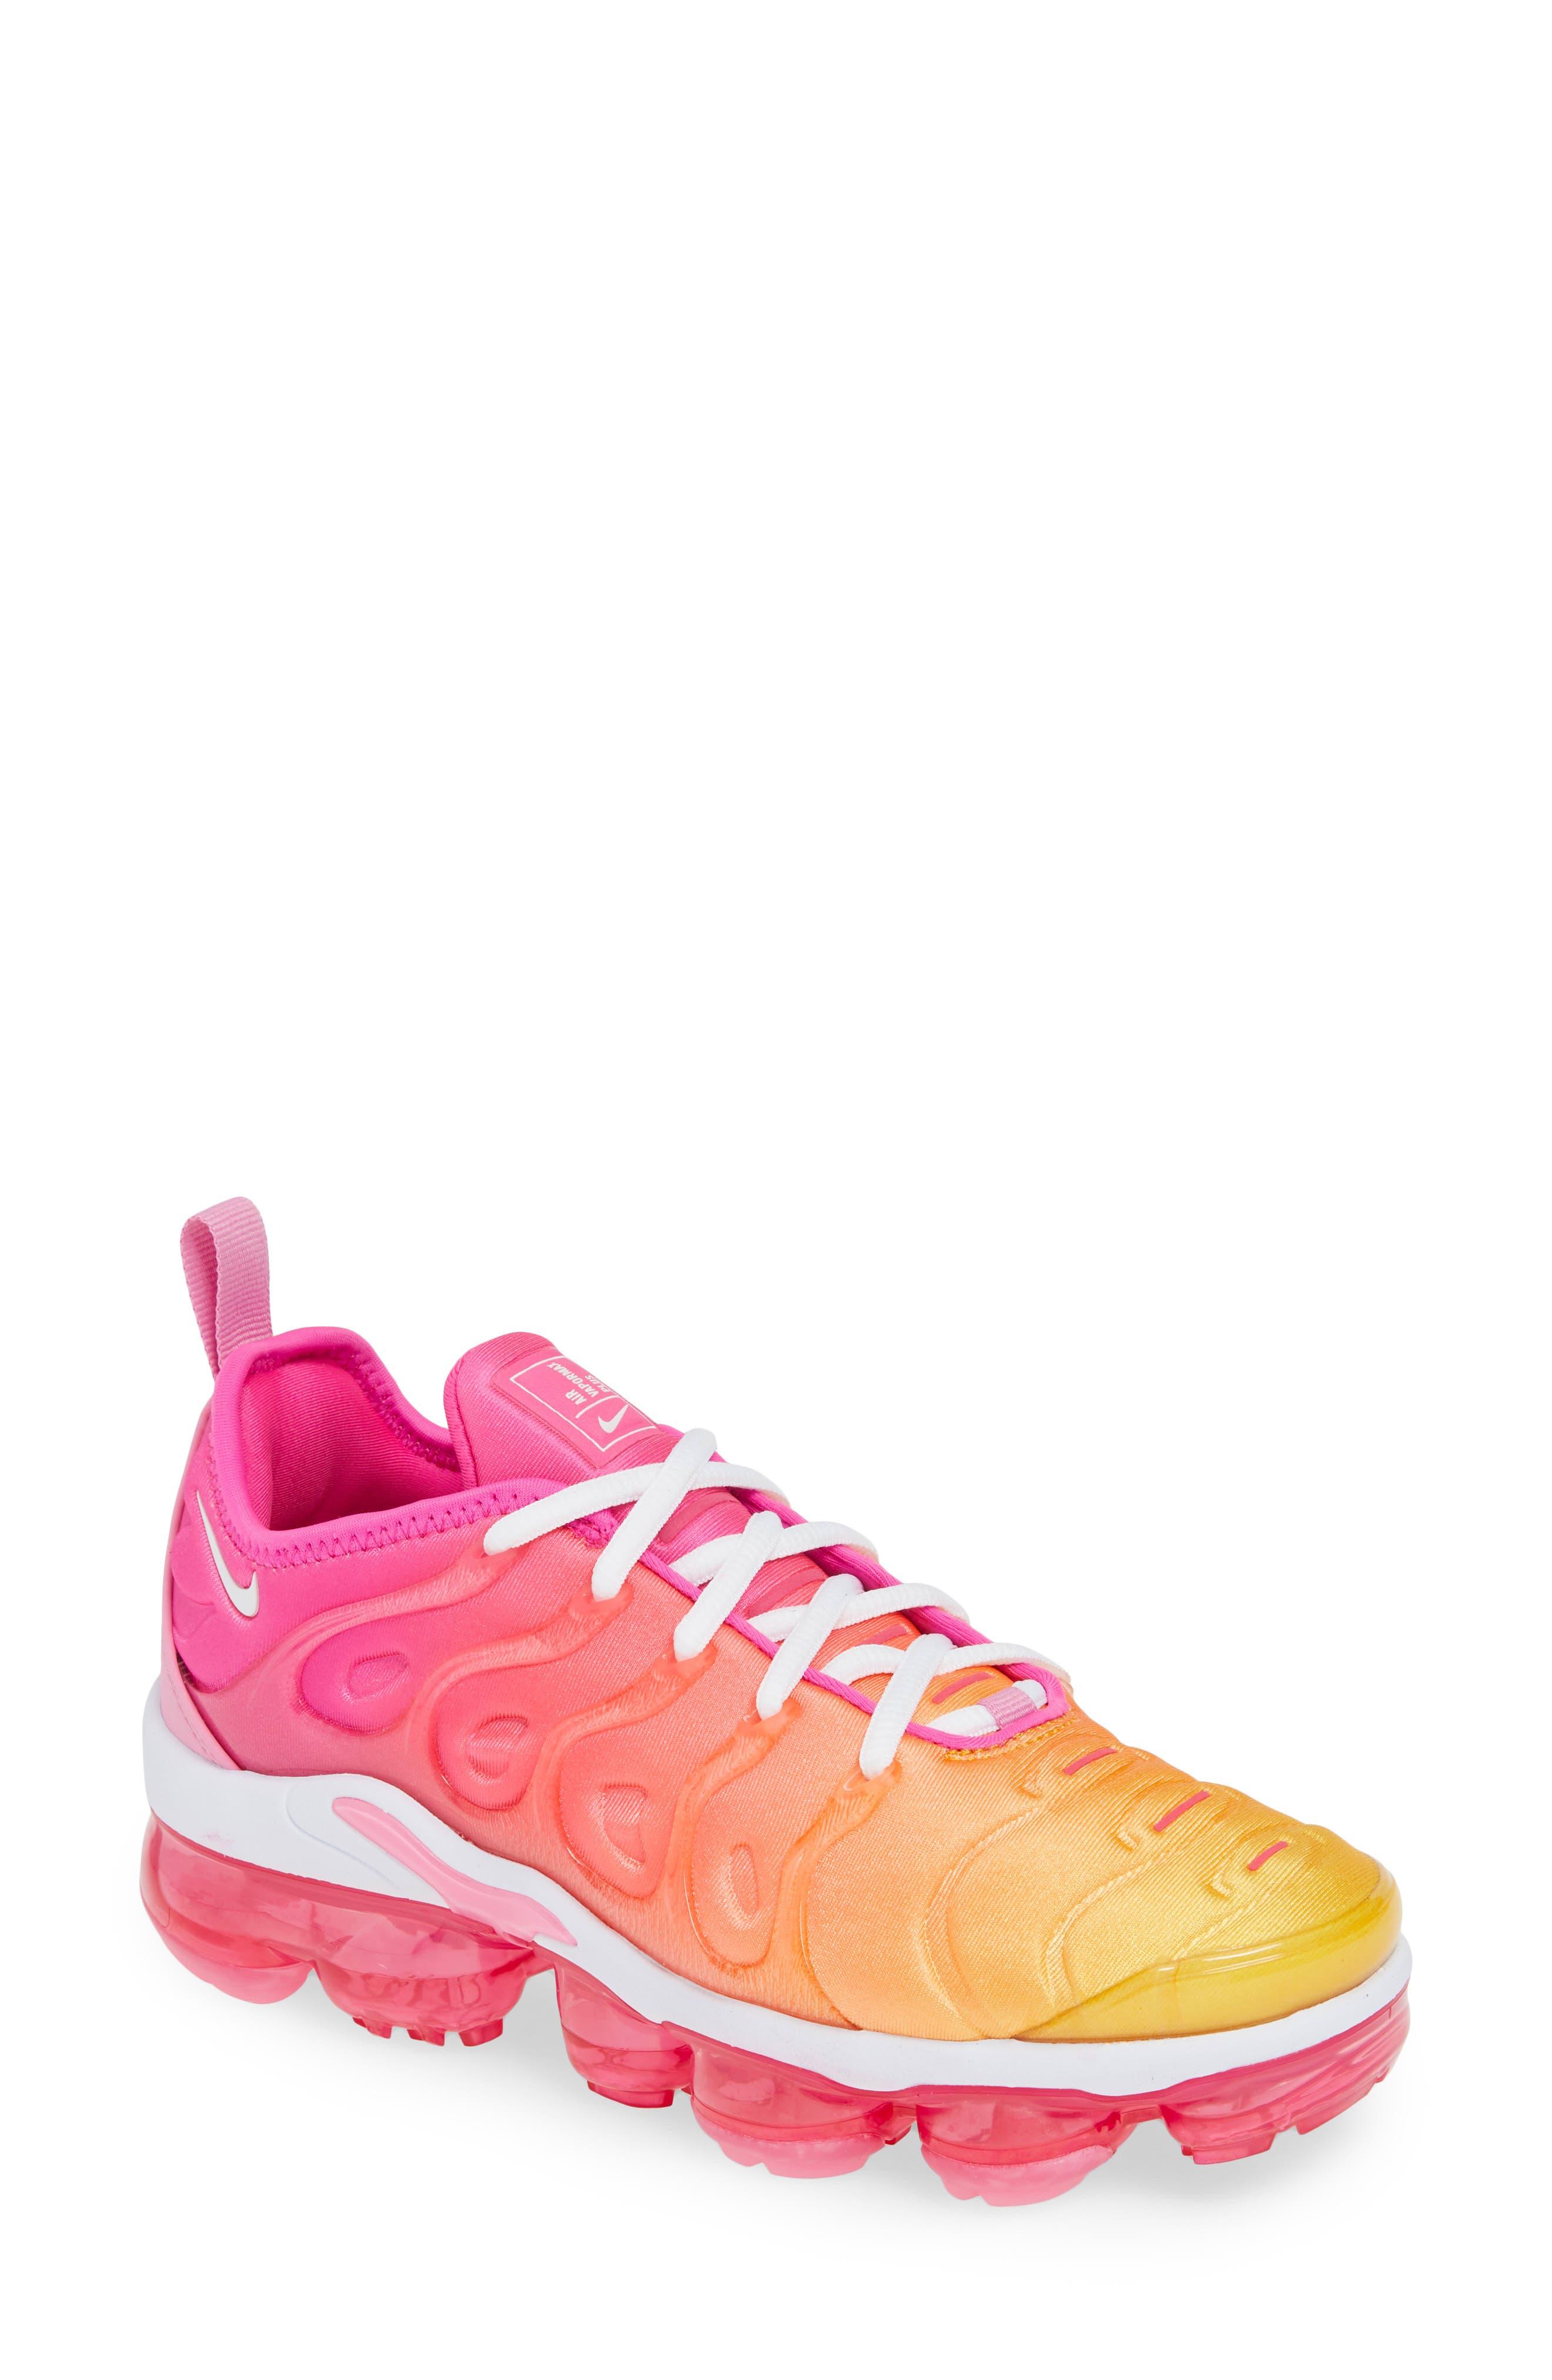 Nike | Air VaporMax Plus Sneaker